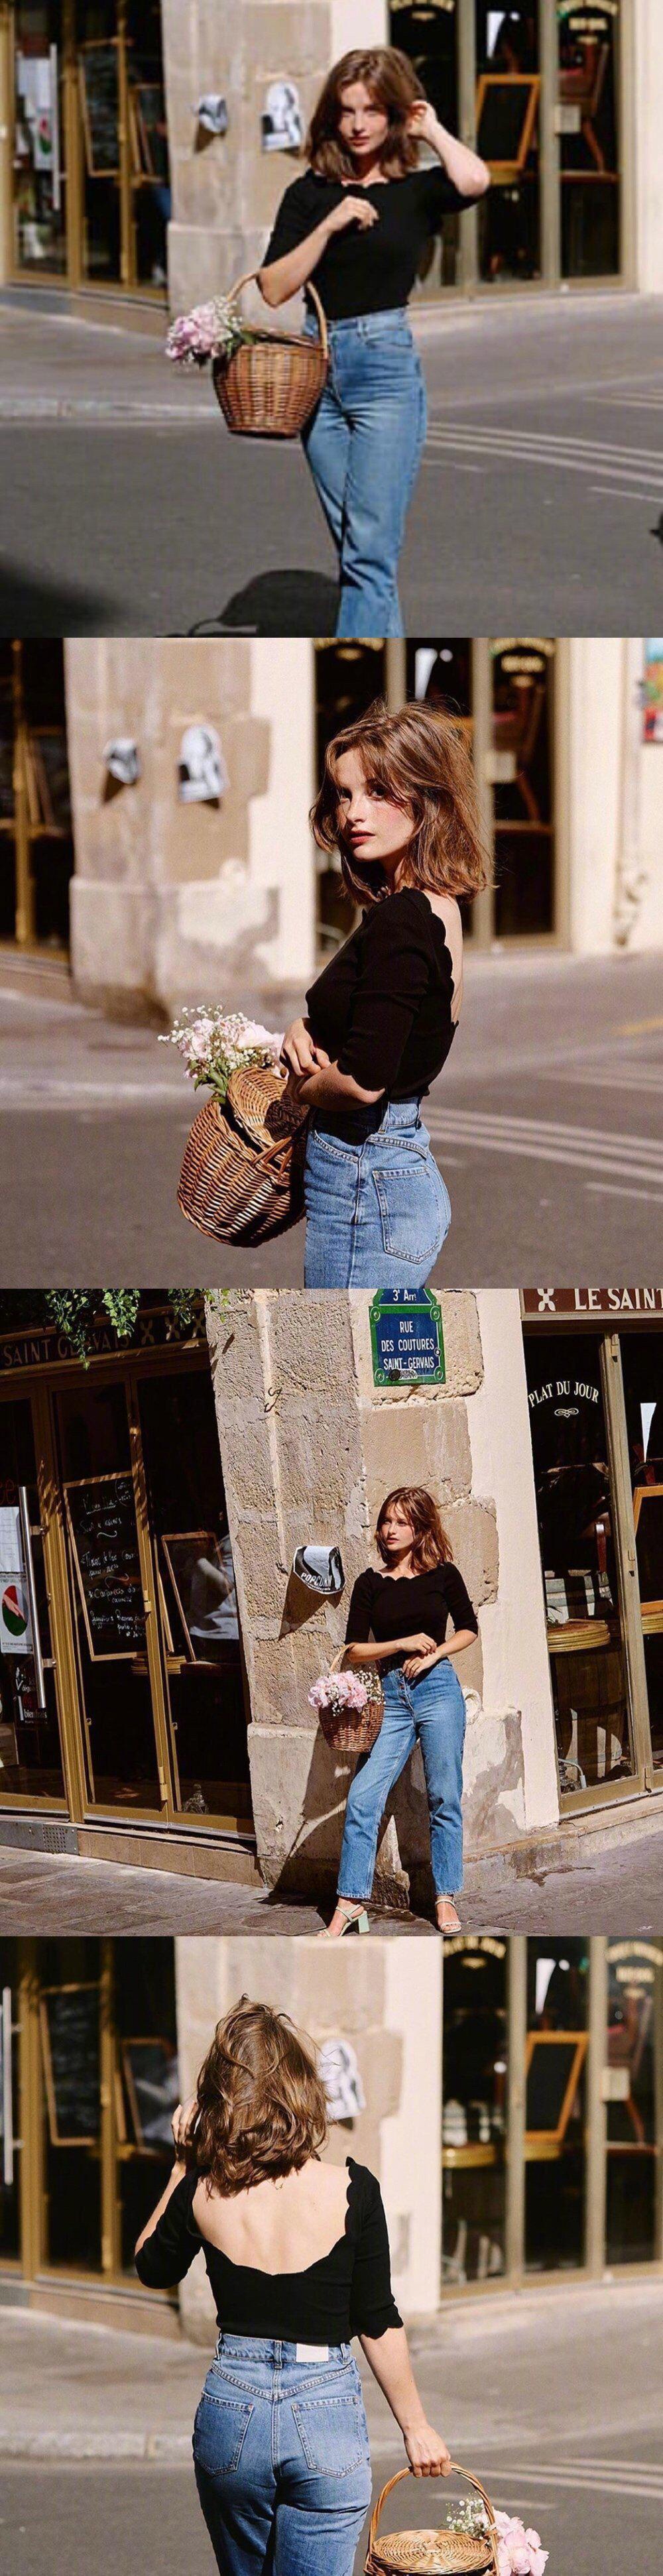 法国博主 Camille , 优雅甜美的法风穿搭指南